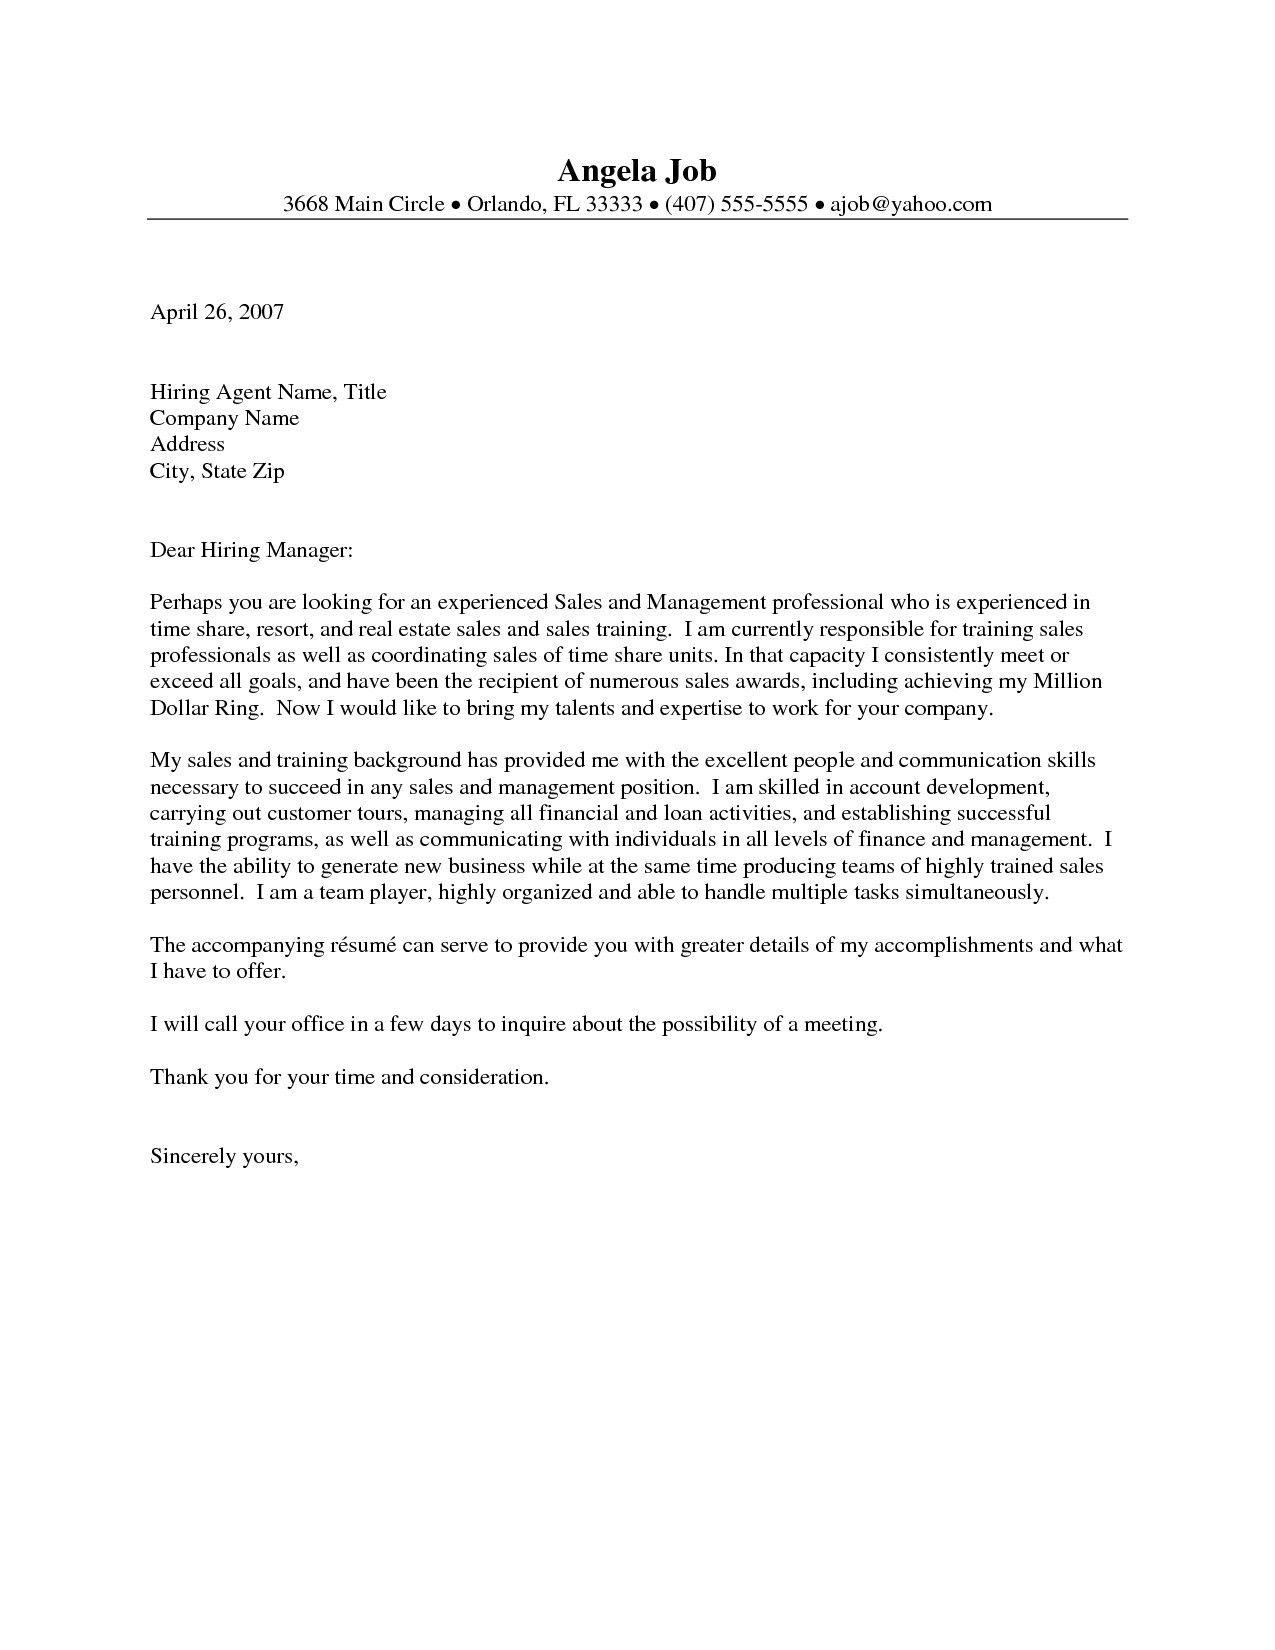 Valid Business Letter Format For Real Estate